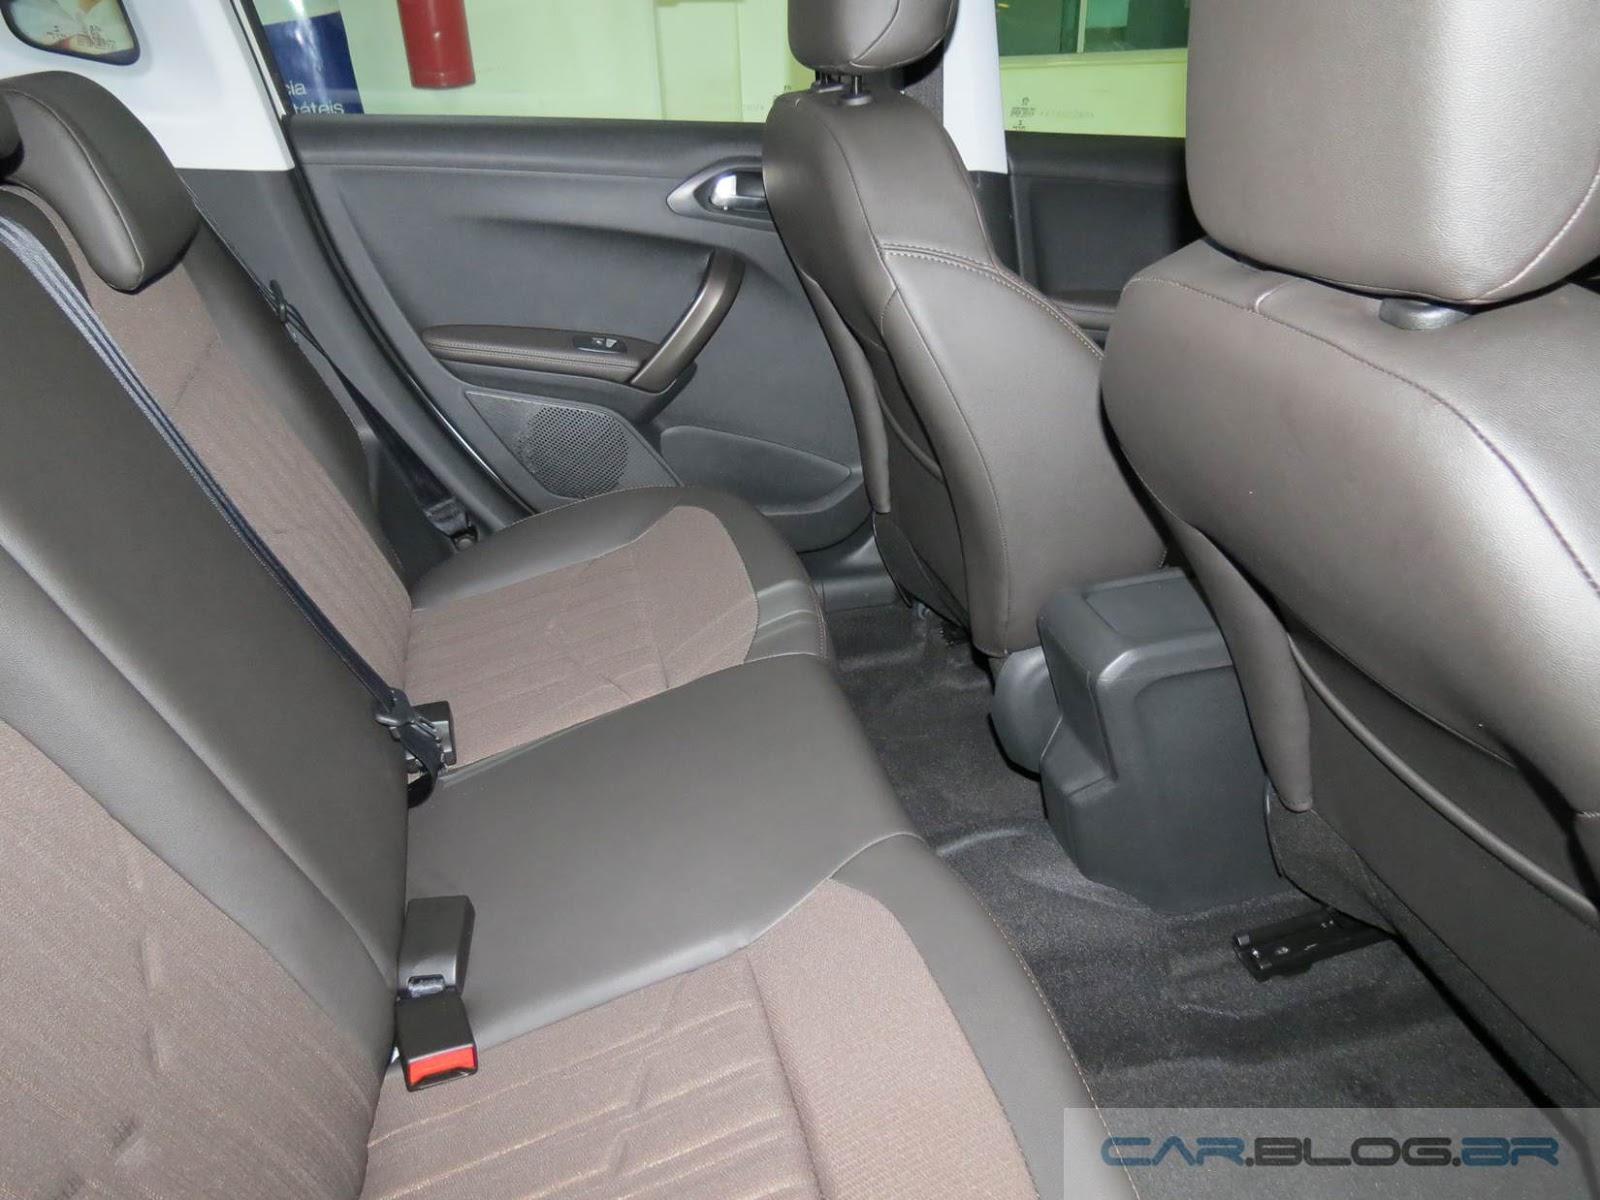 Novo Peugeot 2008 Automático - espaço traseiro